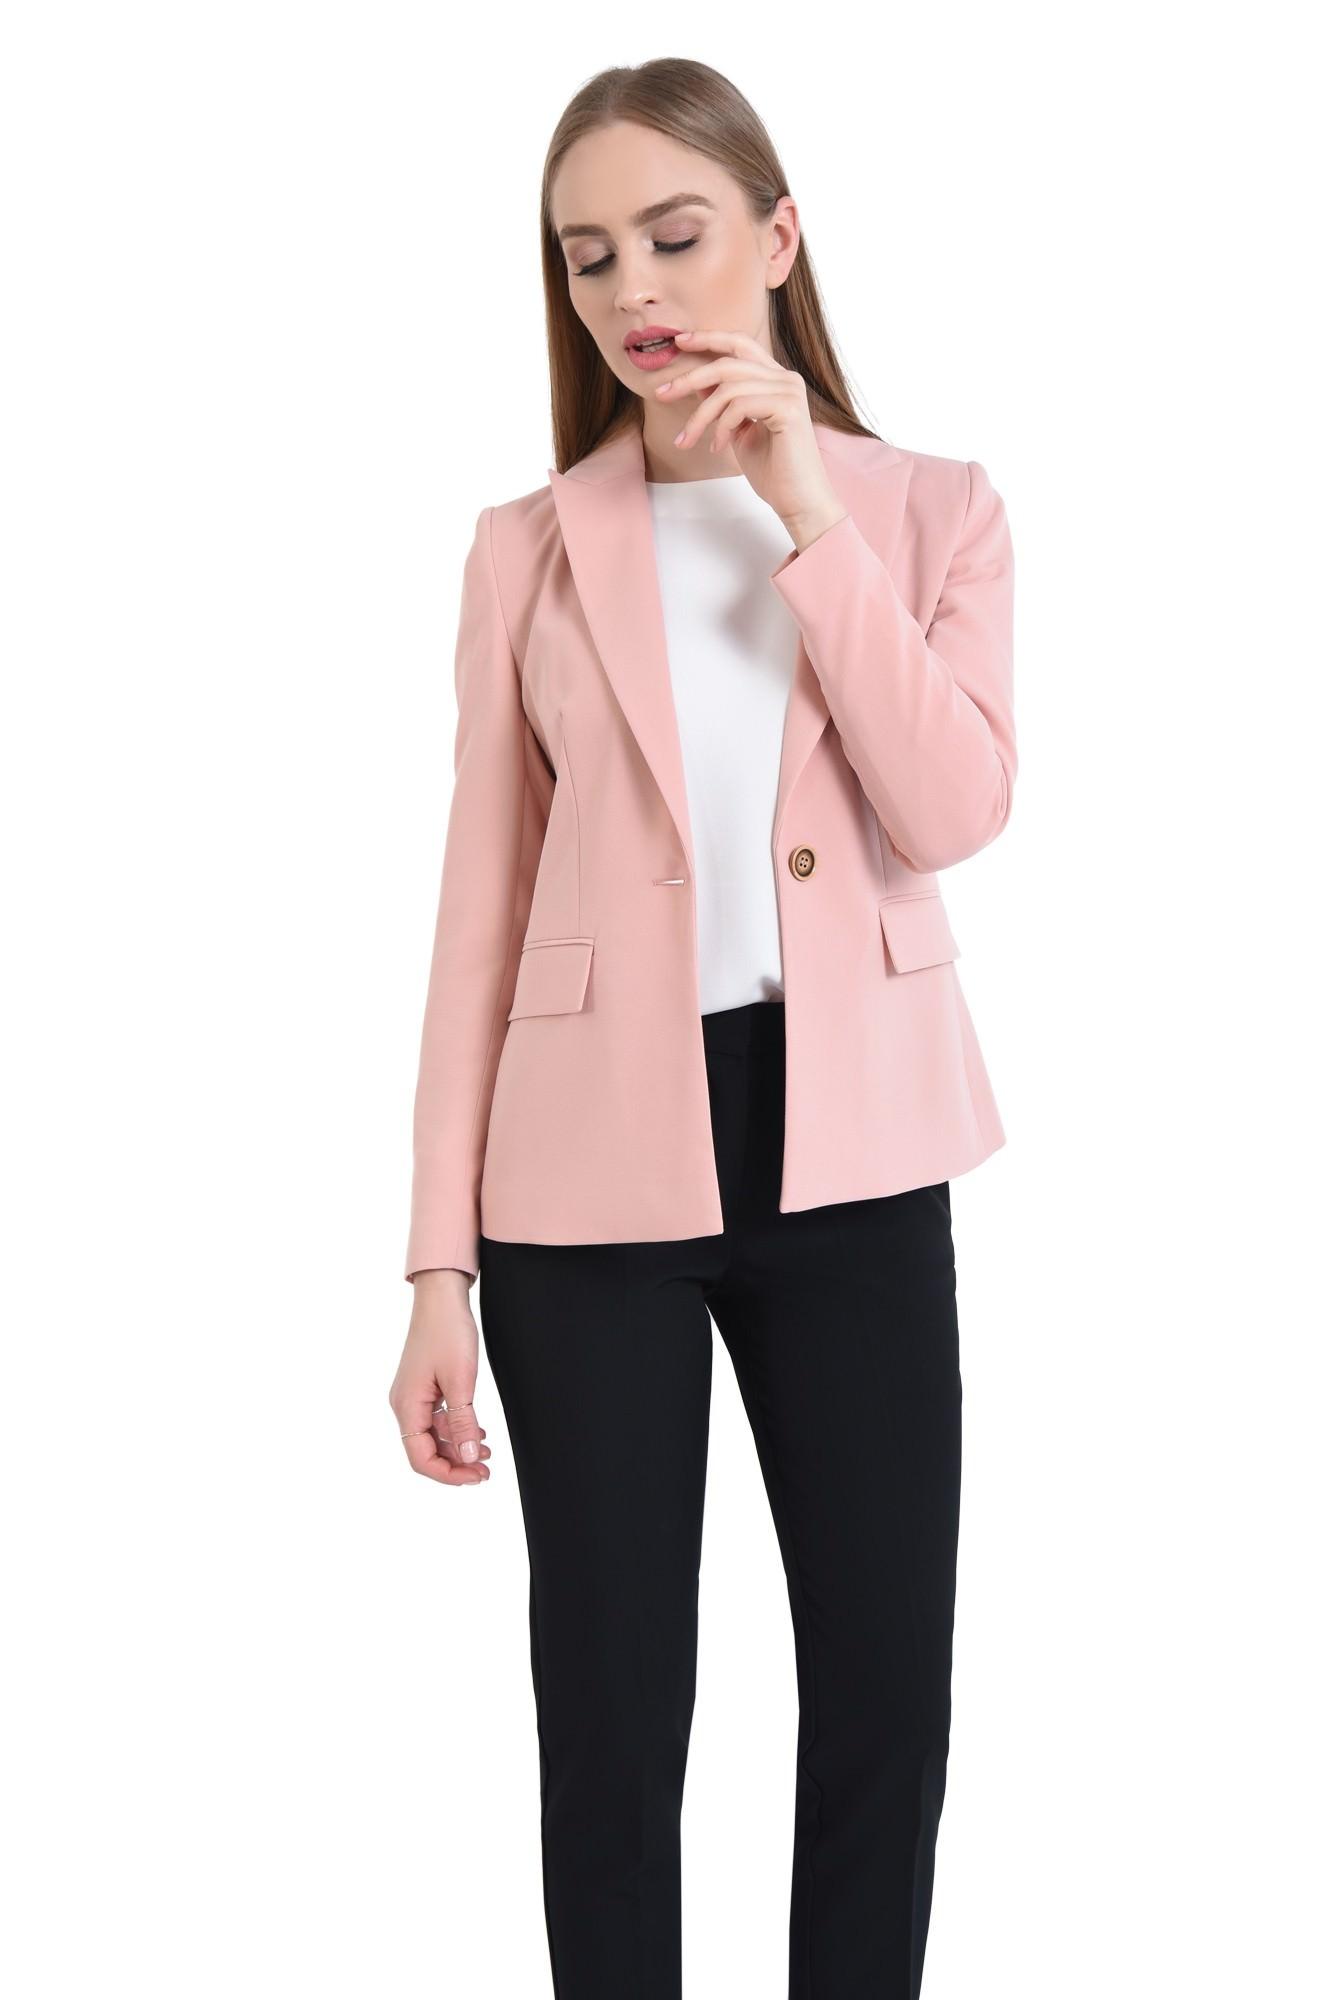 0 - Sacou casual, roz, tesatura texturata